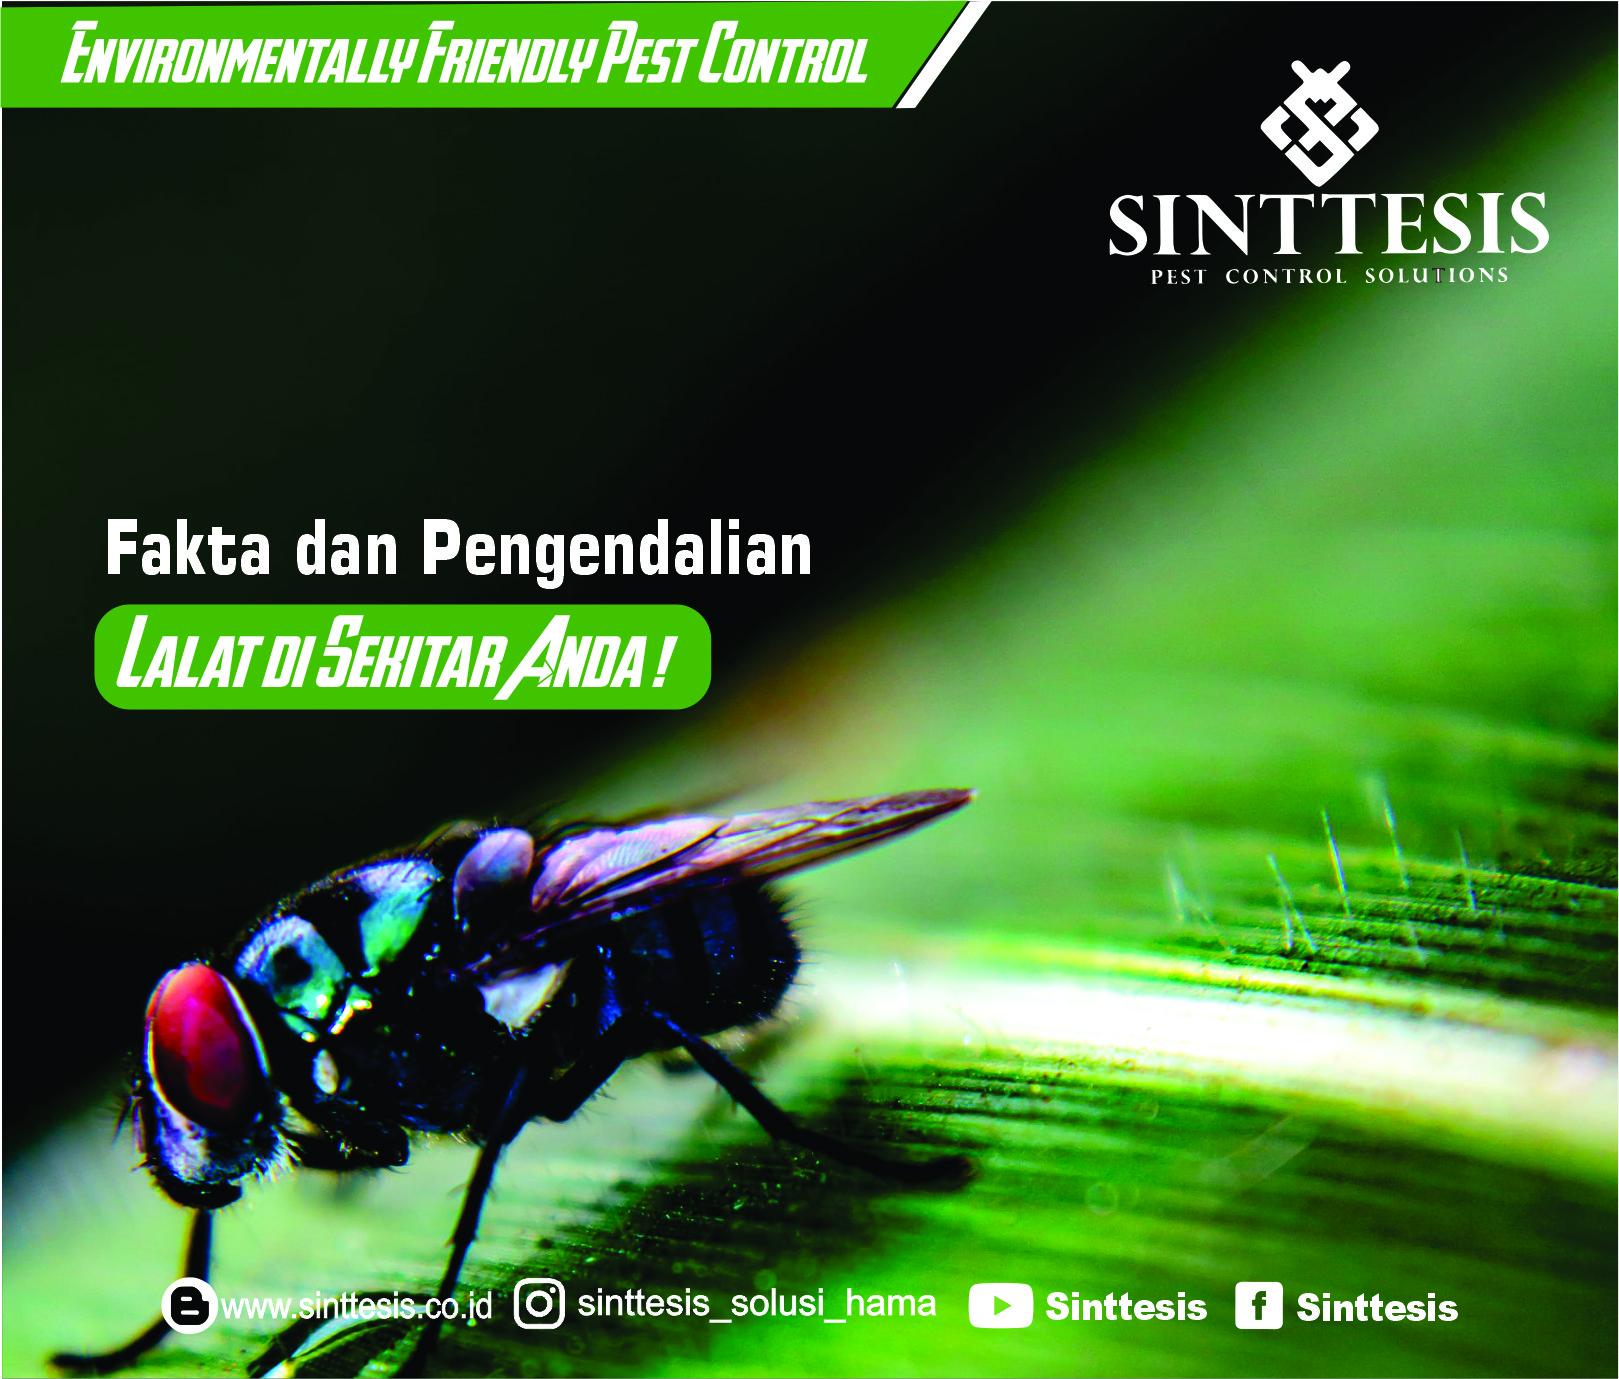 Fakta dan Pengendalian Lalat